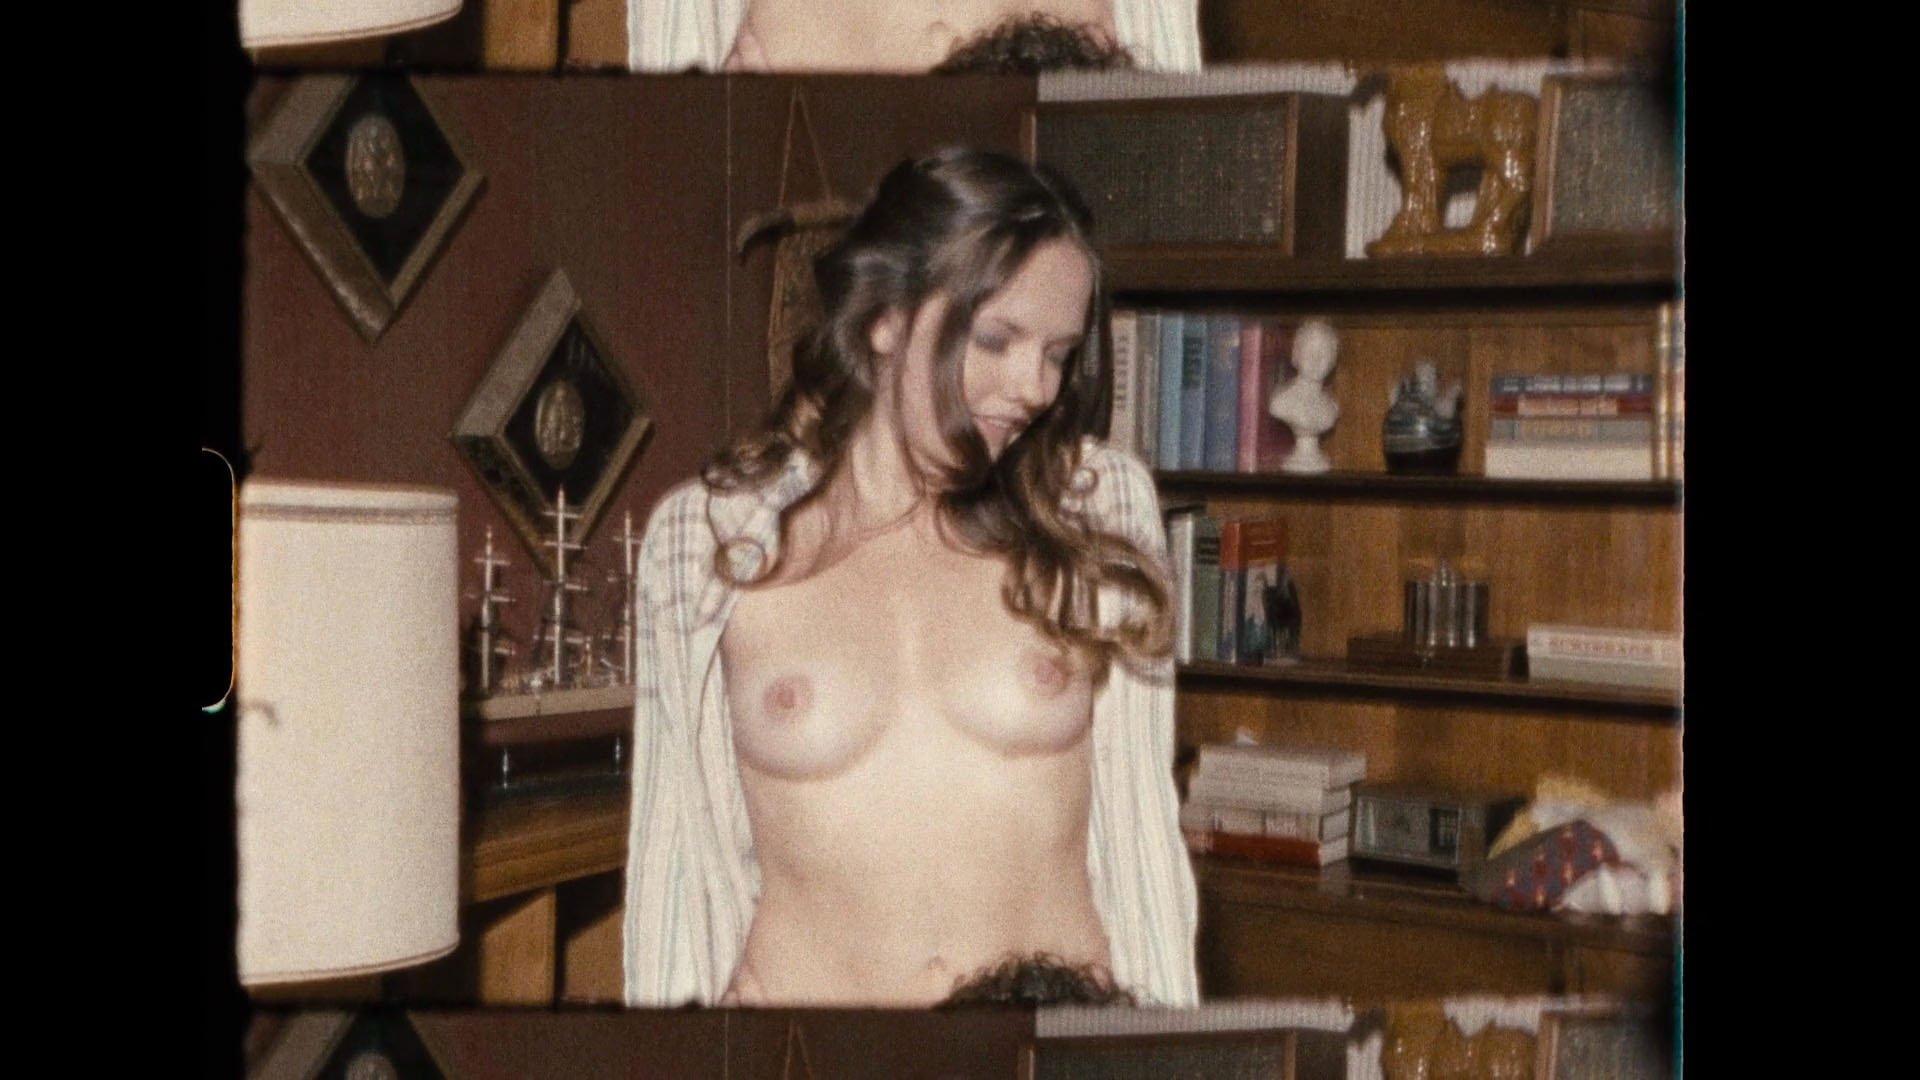 Emily Meade nude - The Deuce s01e07 (2017)